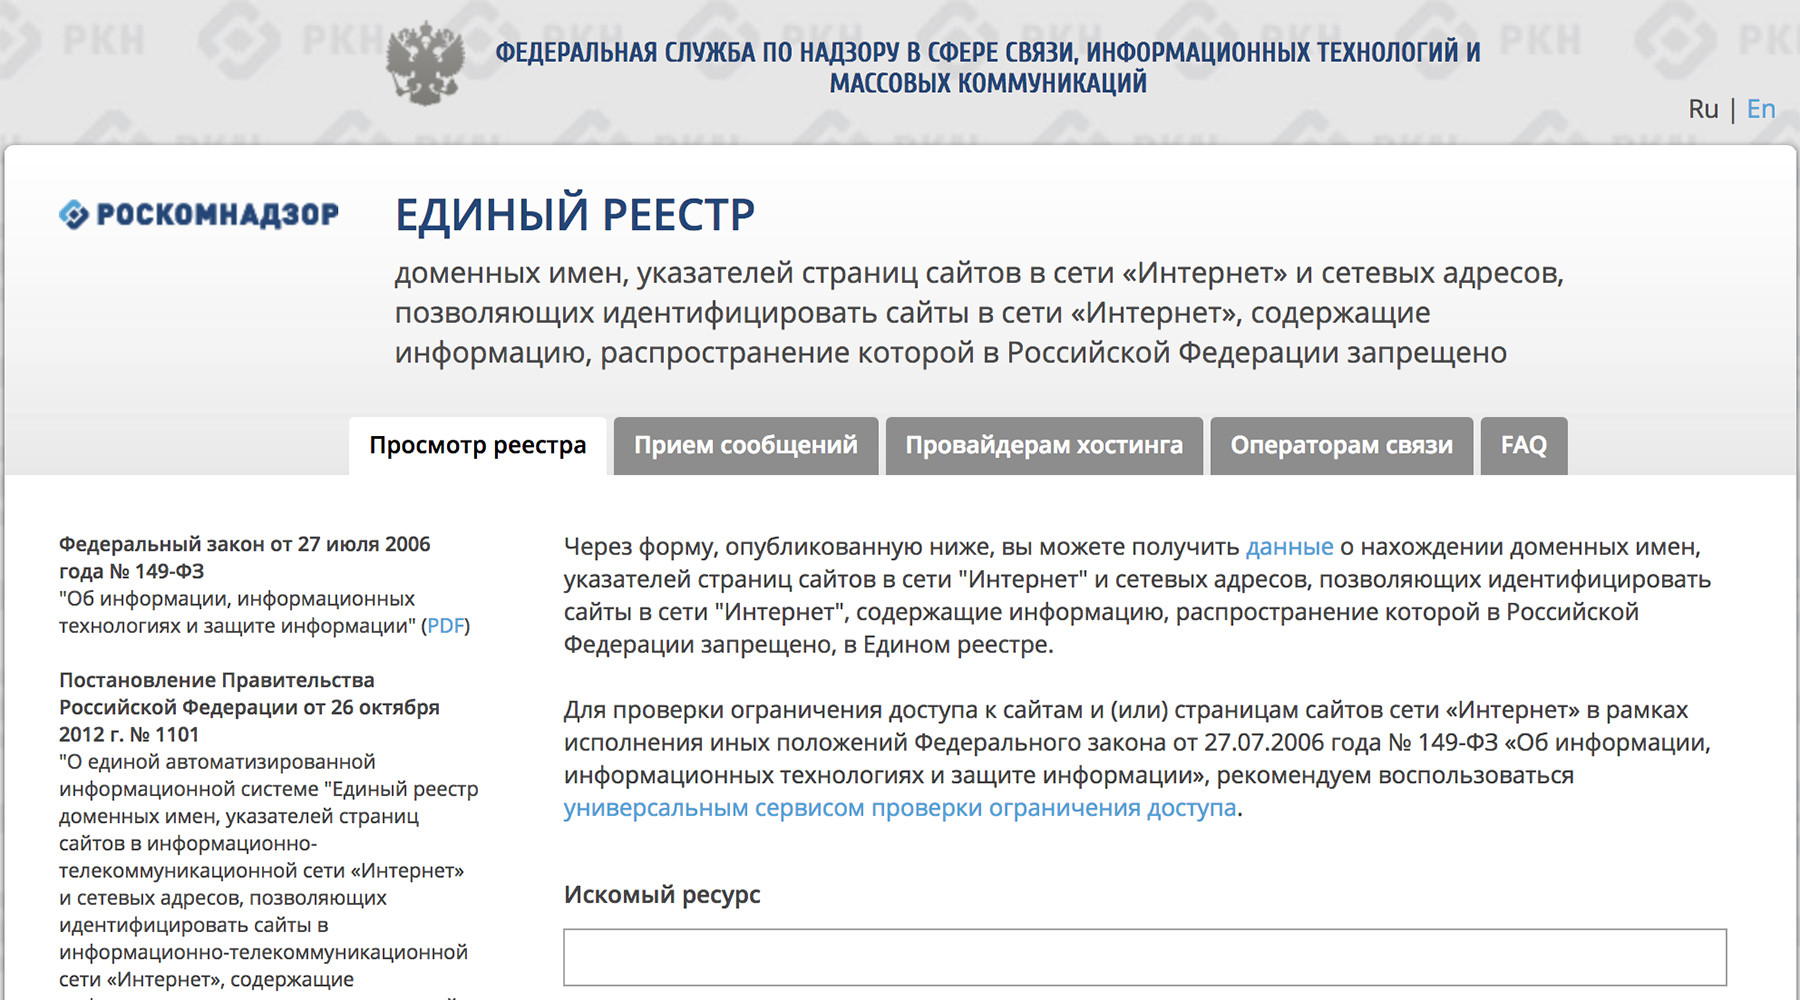 Глава Роскомнадзора Жаров дал интервью RT